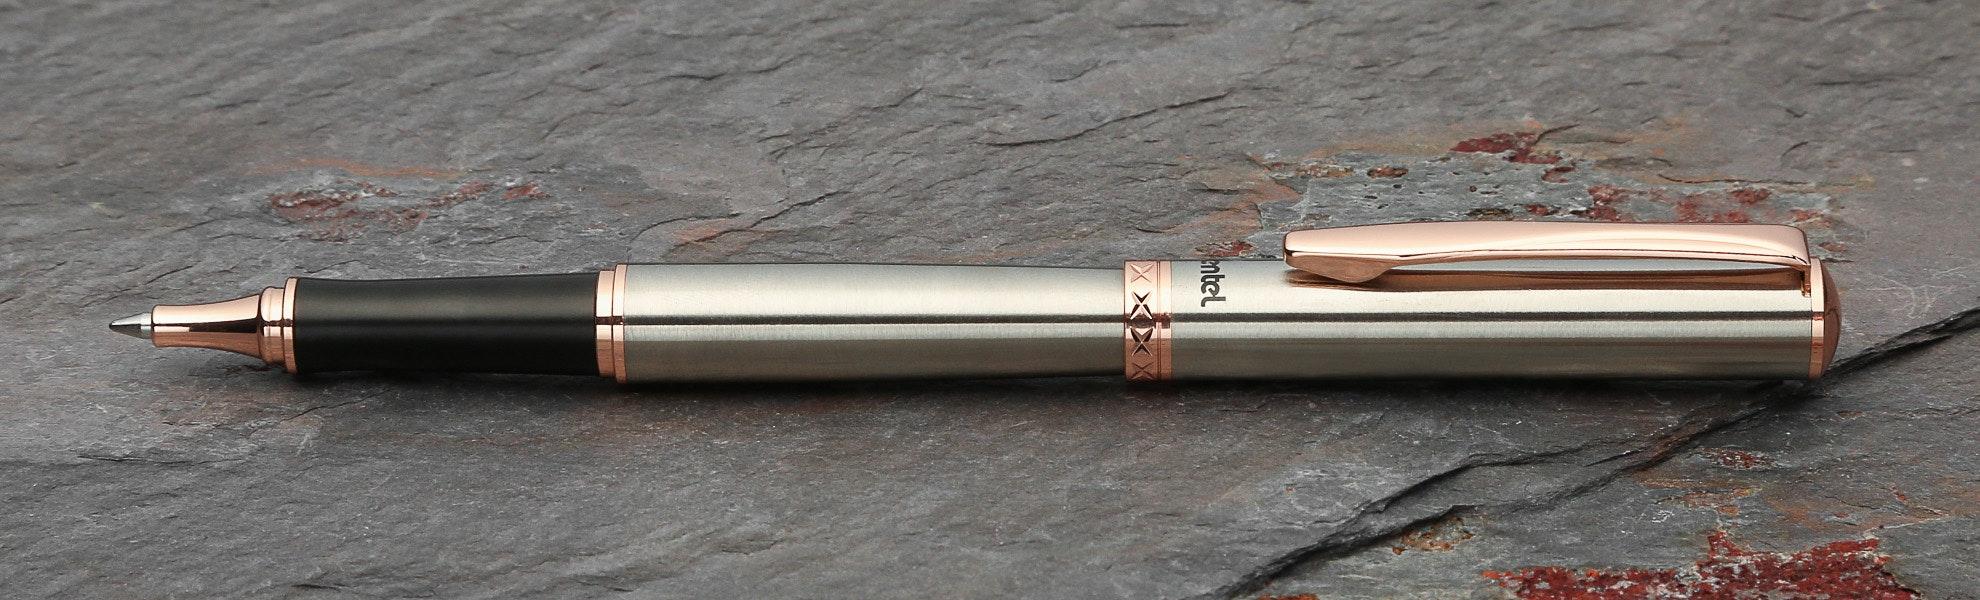 Pentel Libretto K600 Premium EnerGel Pen